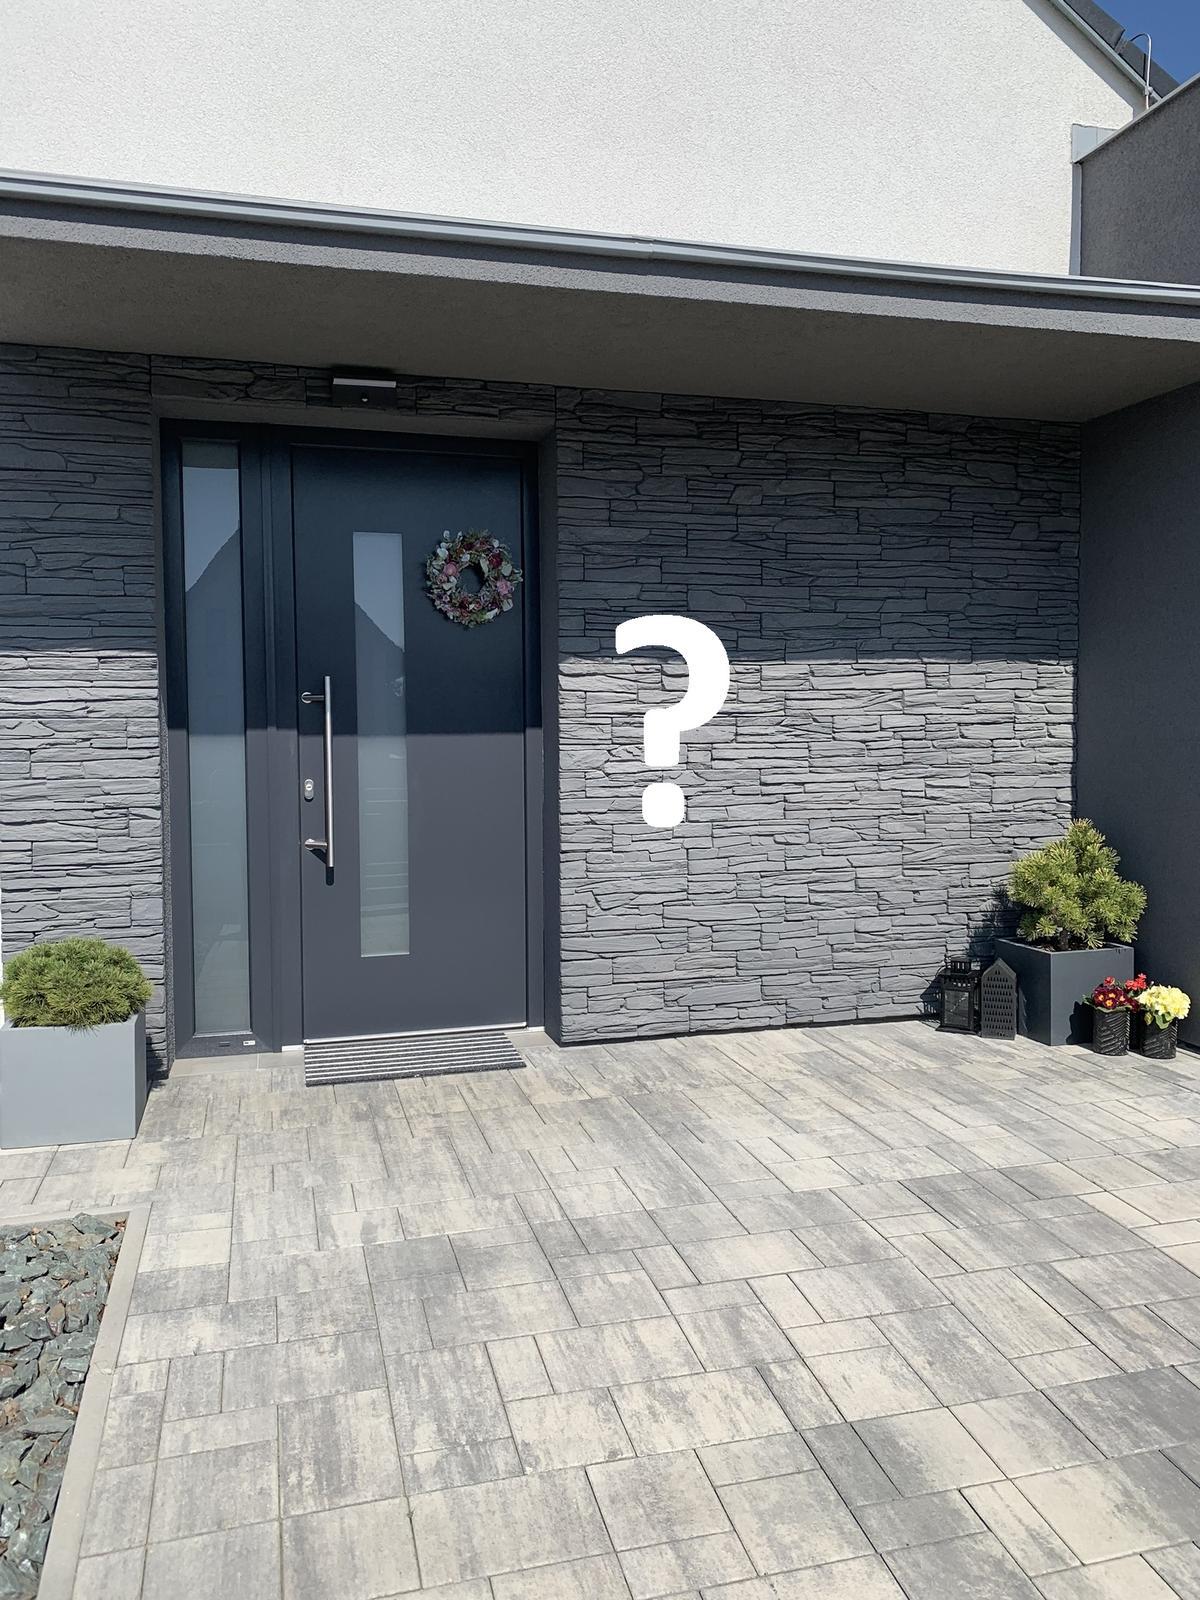 Přemýšlím jestli a co dát ještě na pravou stranu u vchodu, poradíte? - Obrázek č. 1